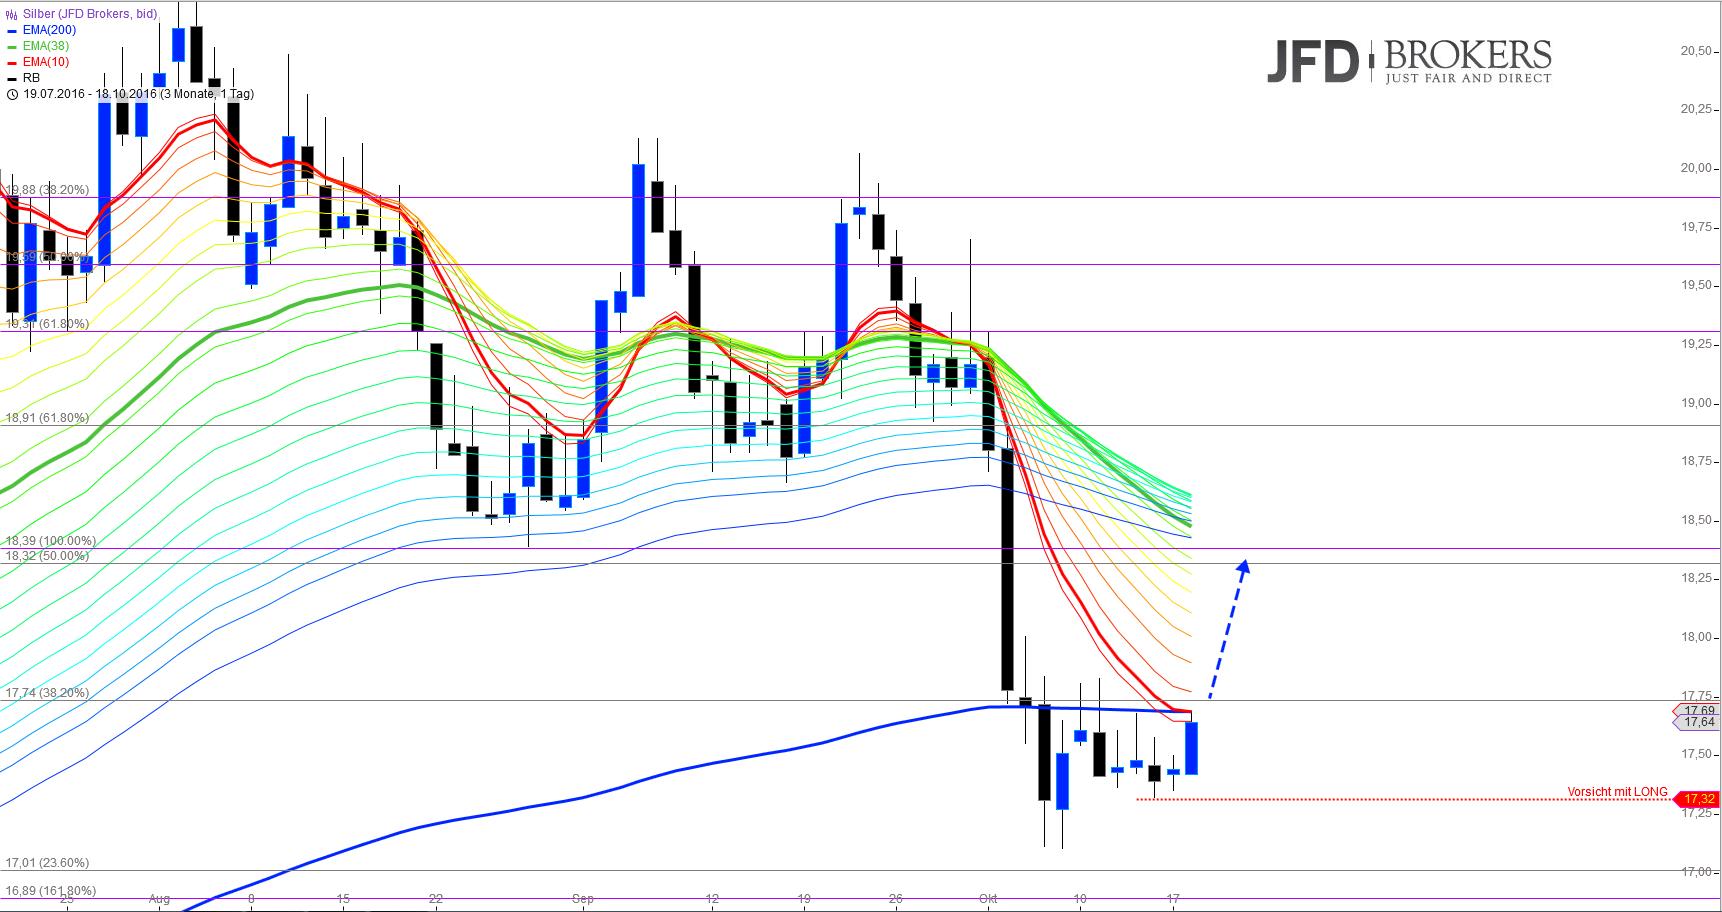 Gold-Silber-Ende-der-Konsolidierungsphase-Kommentar-JFD-Brokers-GodmodeTrader.de-3